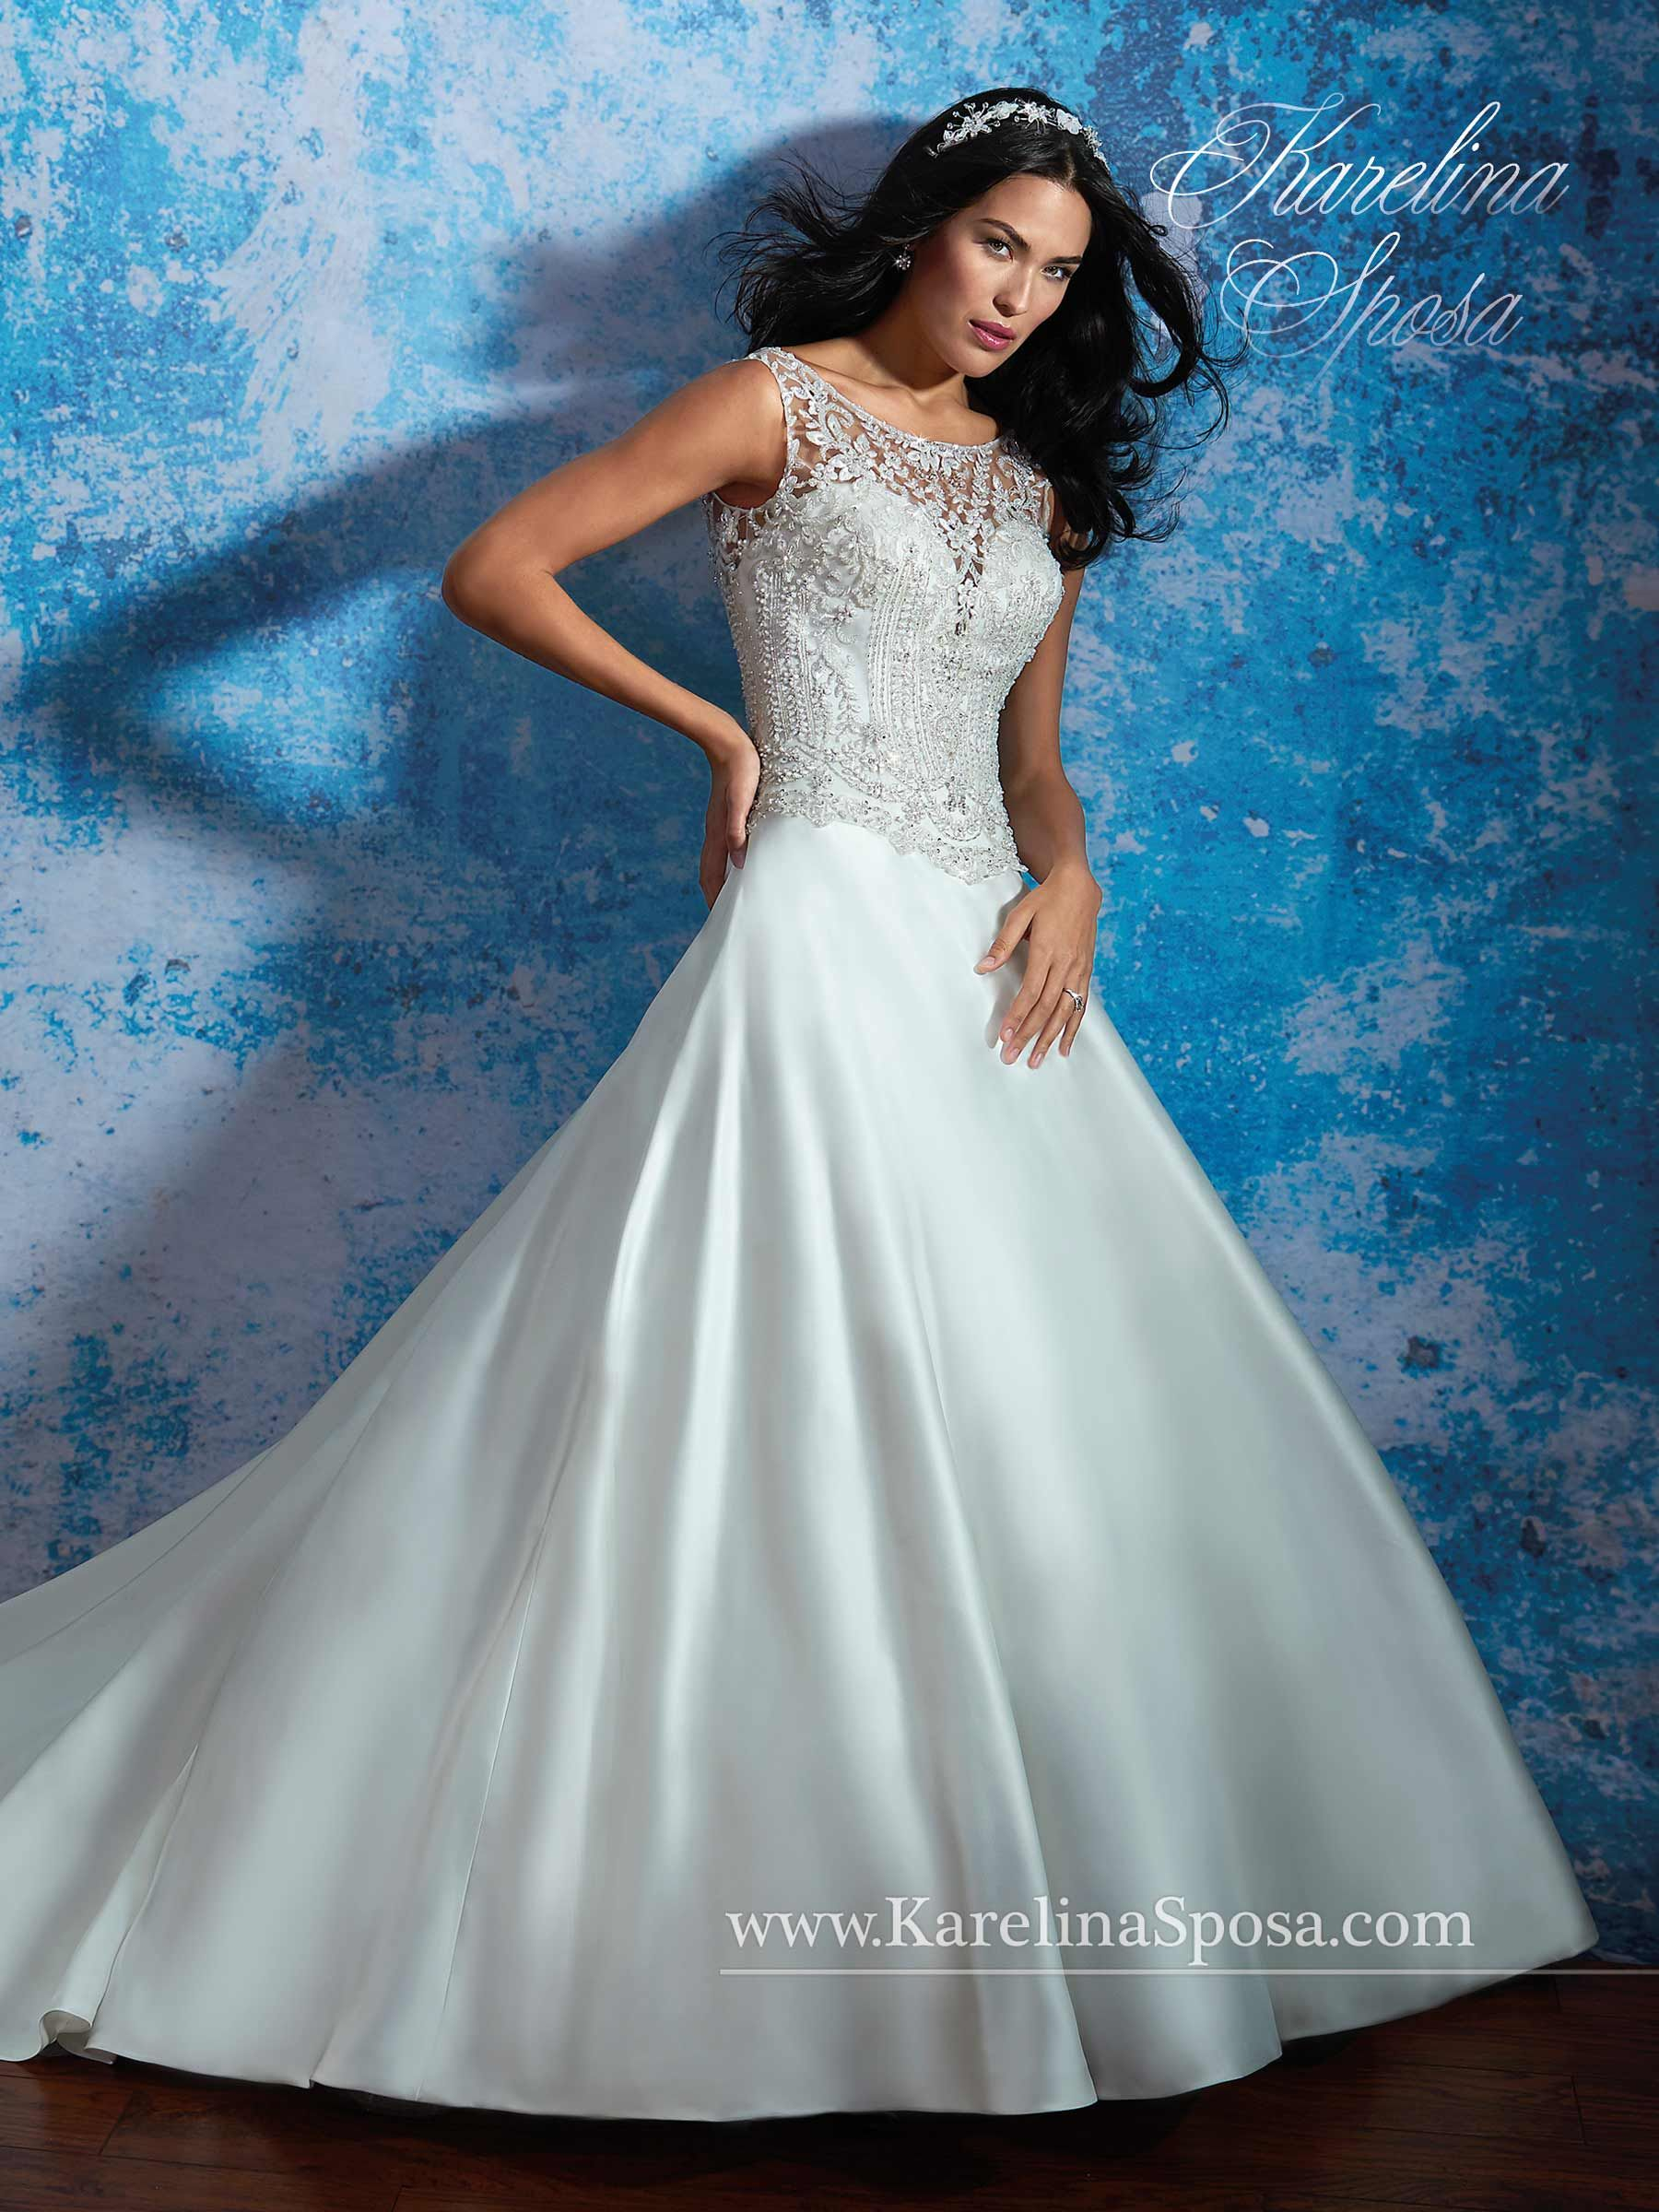 Fancy Bridesmaid Dresses Fresno Ca Vignette